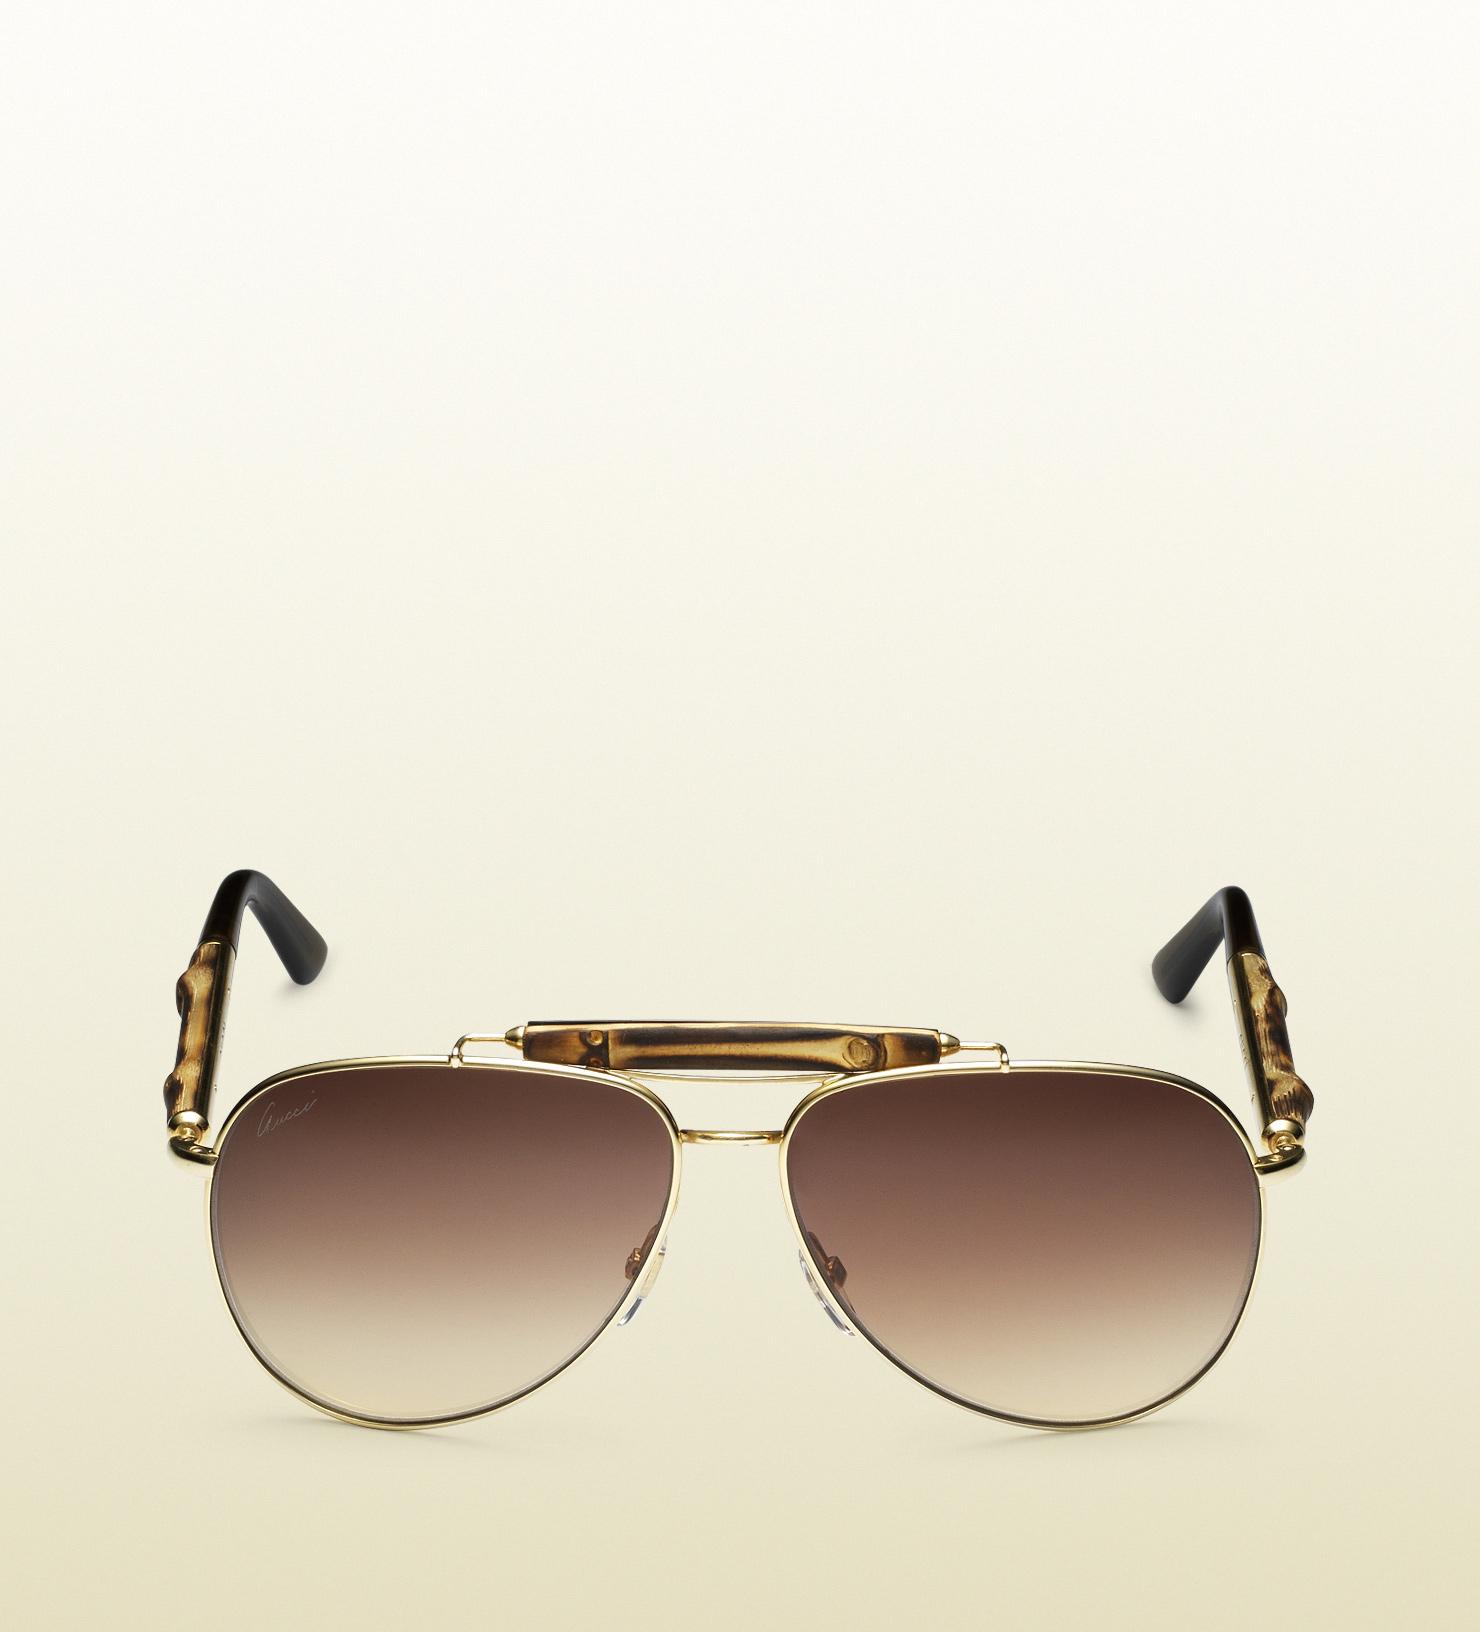 afcda983eb1d3 Gucci Bamboo Aviator Sunglasses in Brown - Lyst